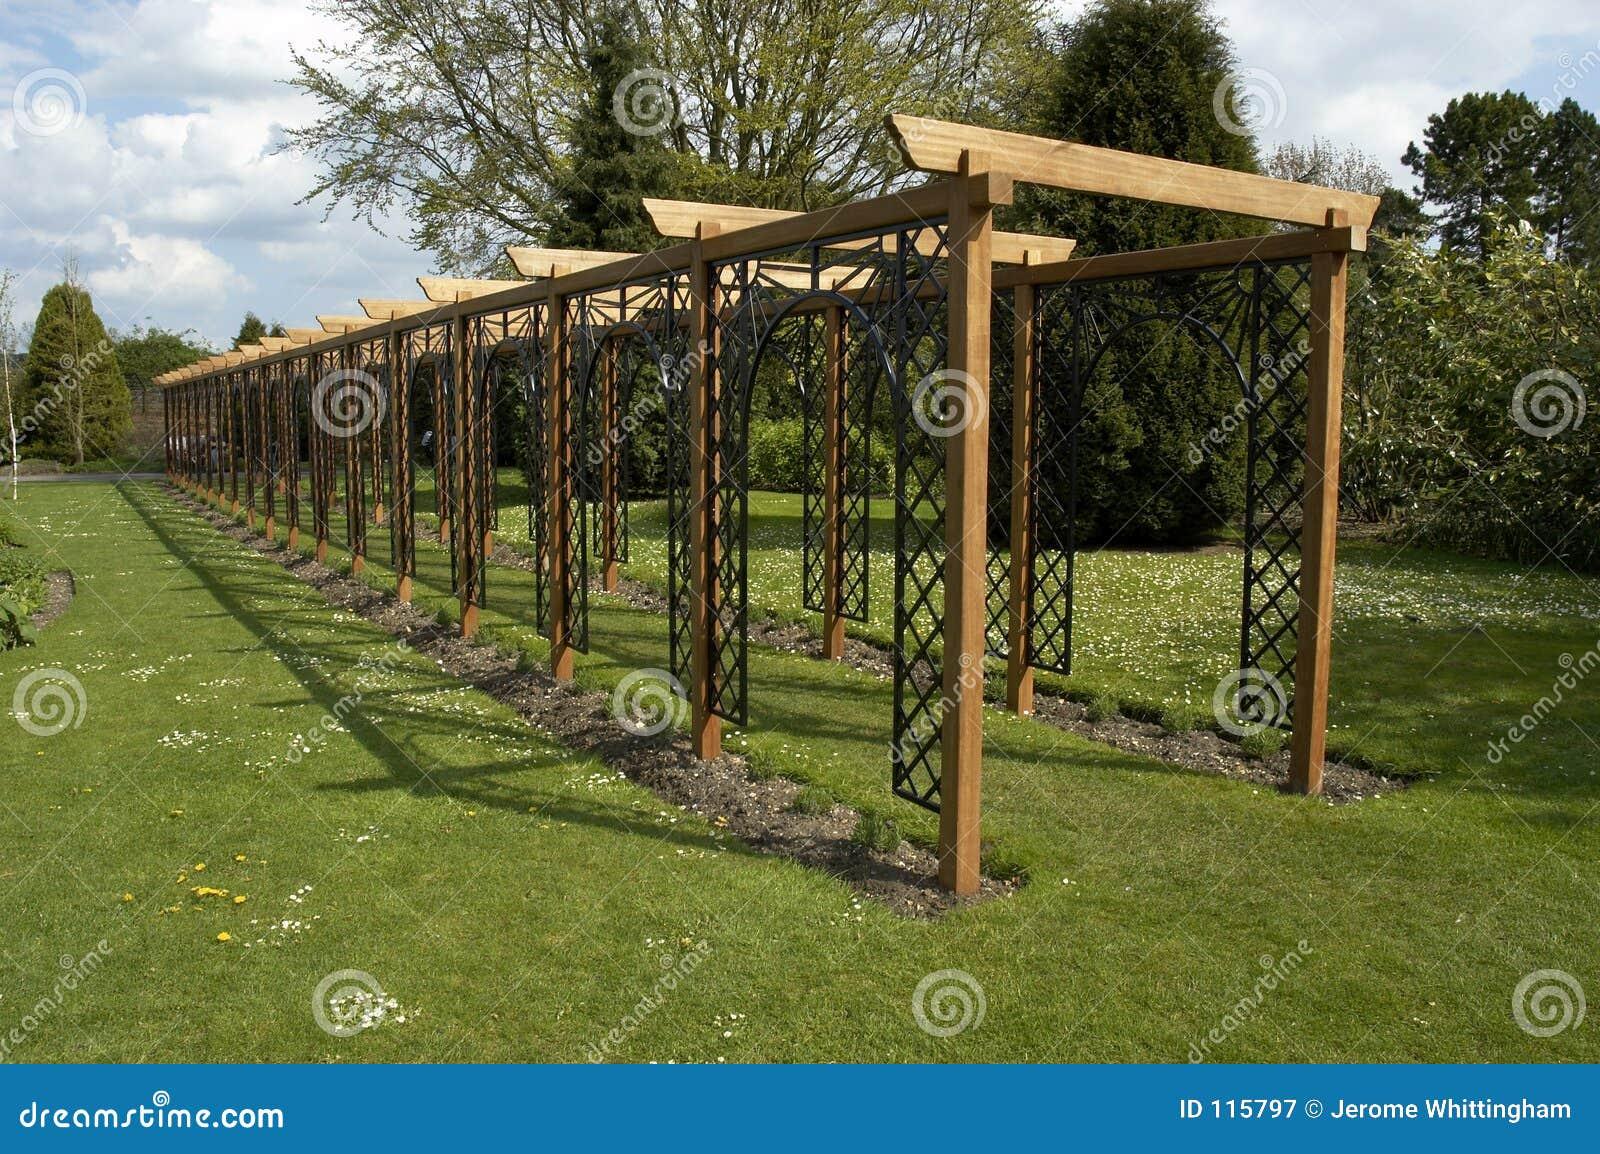 Pergola stock afbeelding afbeelding bestaande uit tuinen 115797 - Pergola verkoop ...